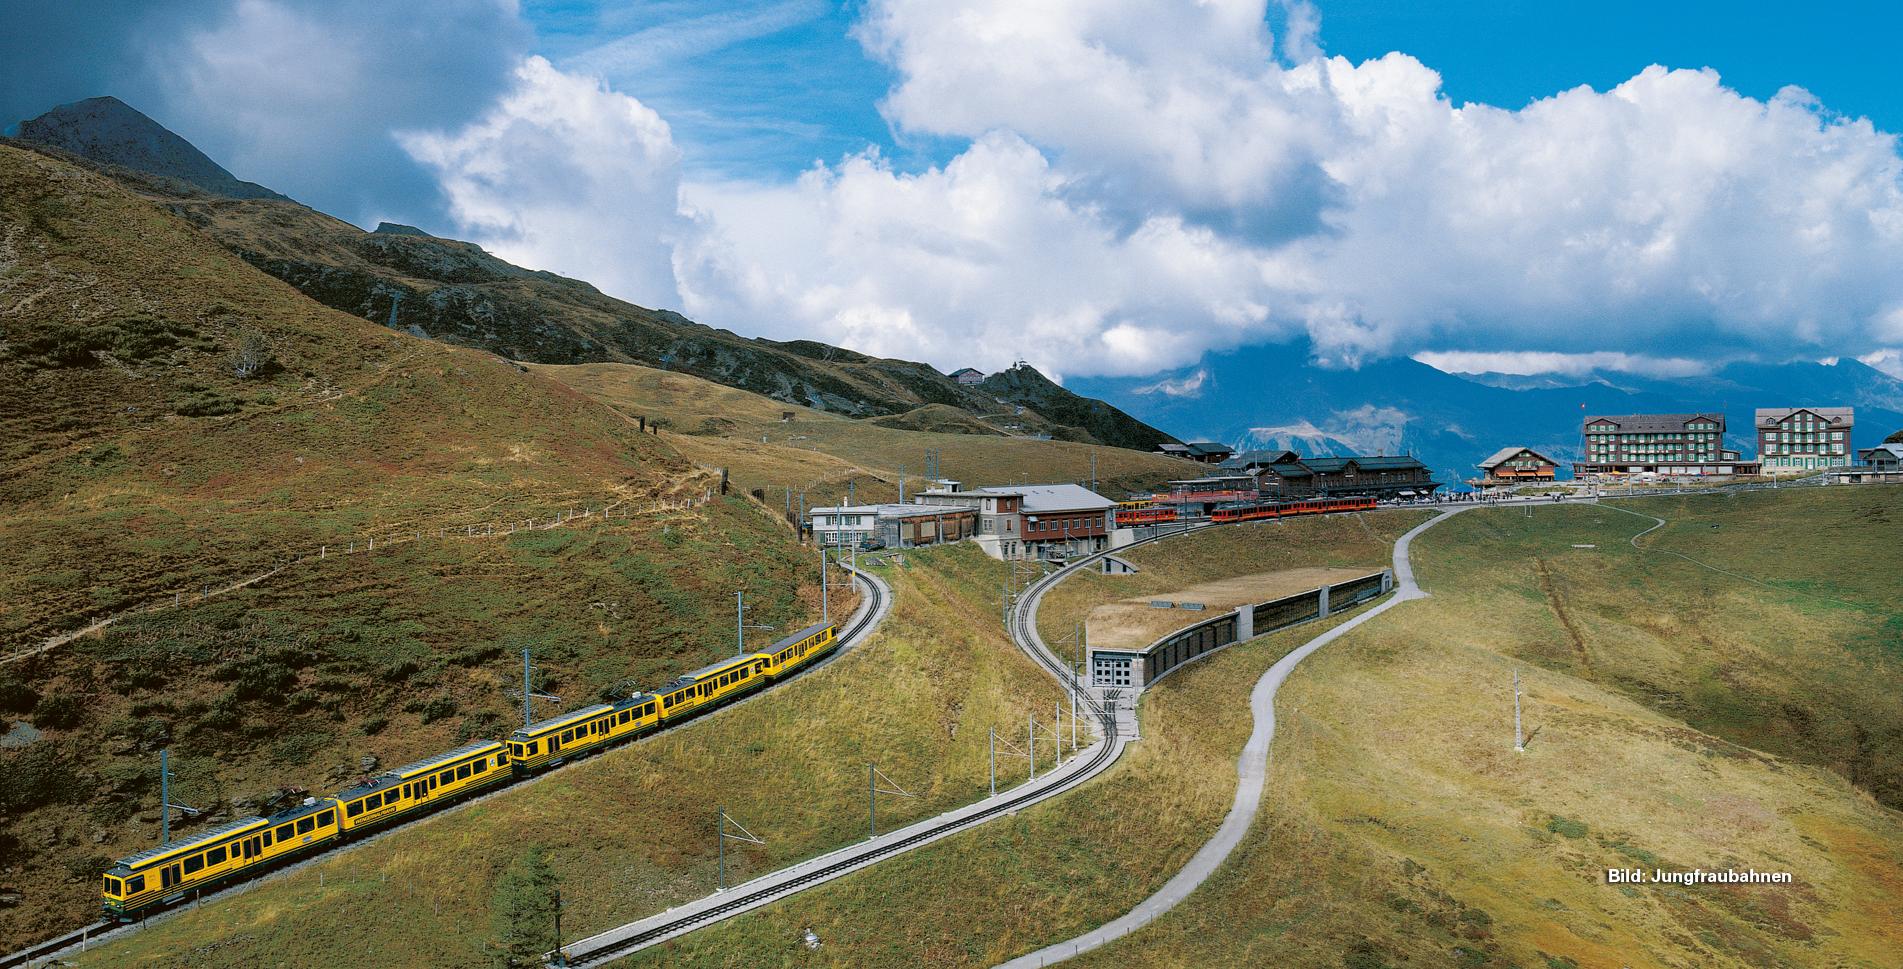 Wanderung vom Männlichen auf die Kleine Scheidegg